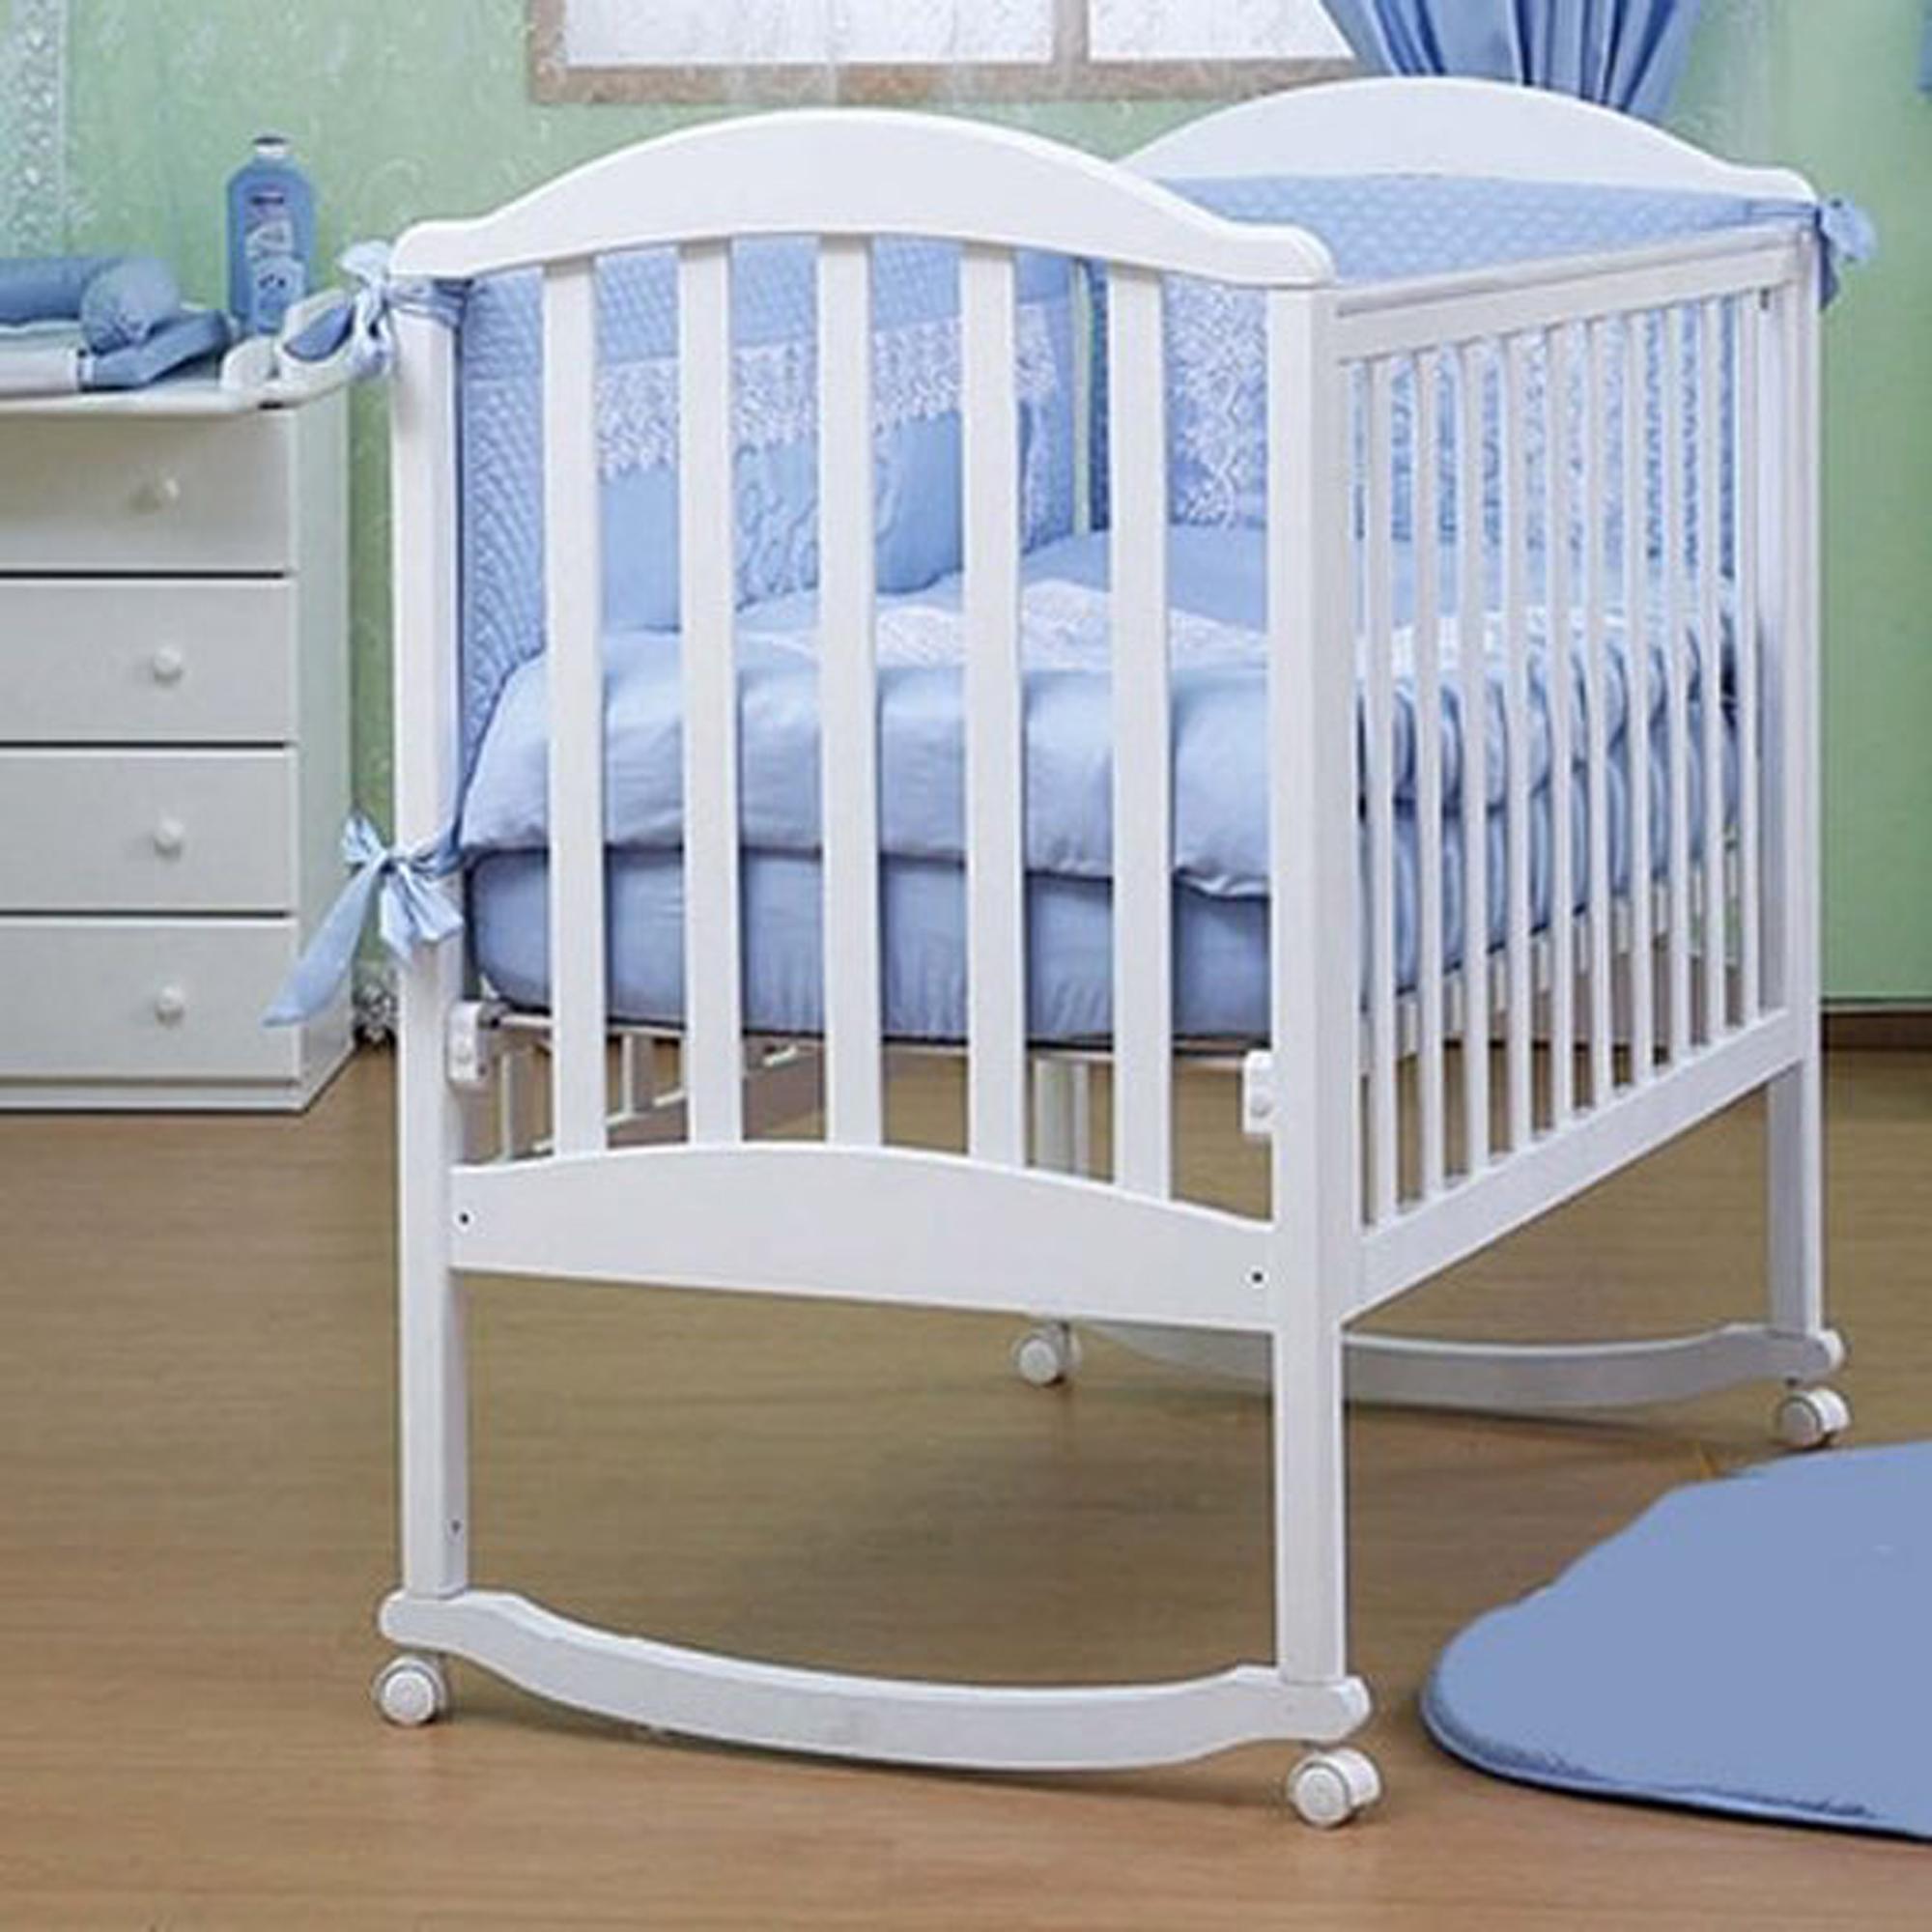 Детская кроватка Kubanlesstroy Лилия Люкс АБ 17.0, белая